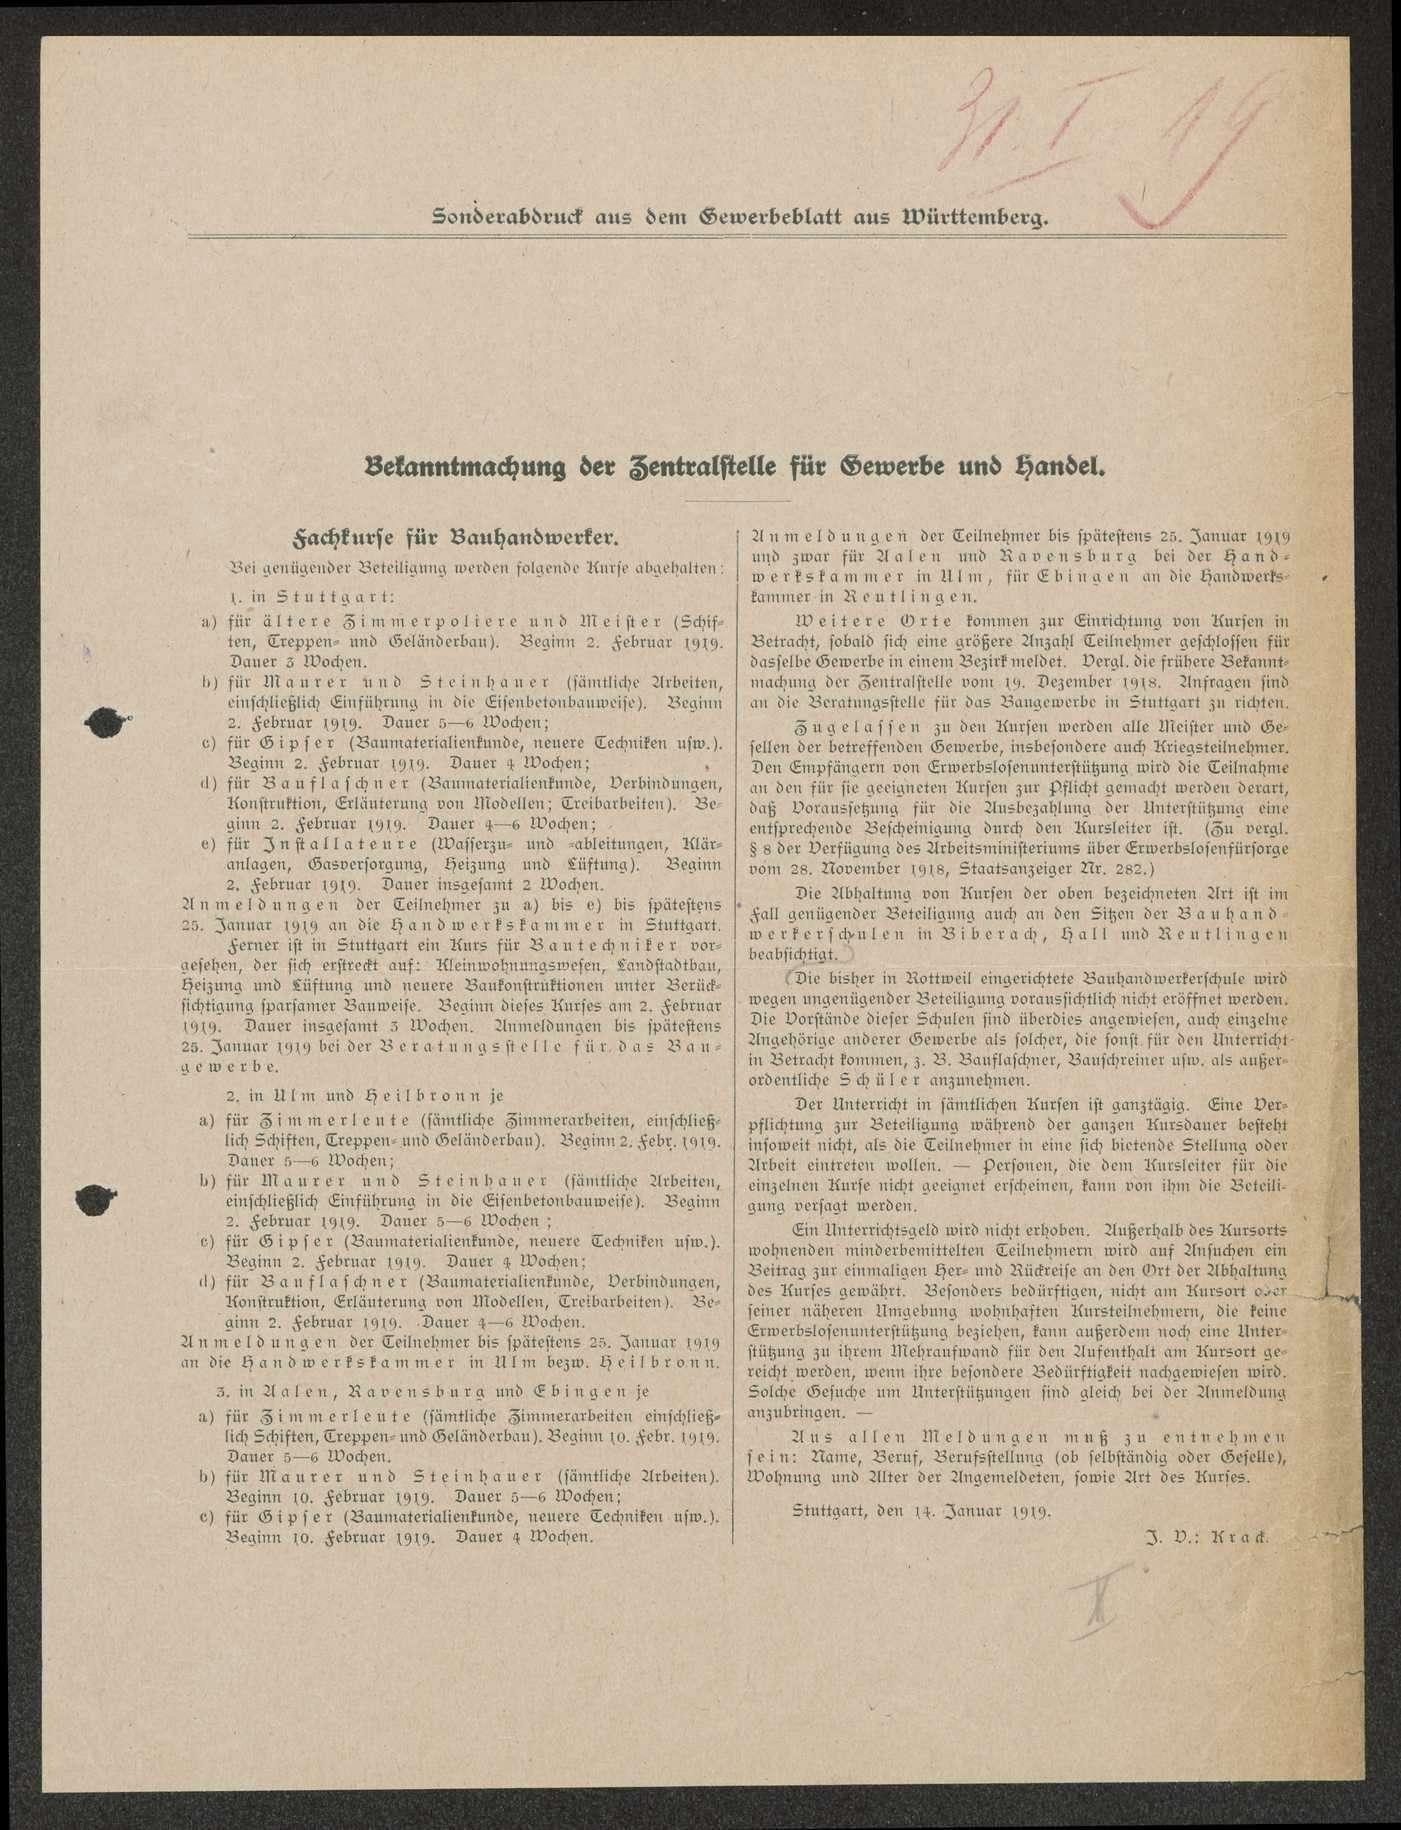 Allgemeine Verfügungen zur militärischen und wirtschaftlichen Demobilmachung, Bild 2